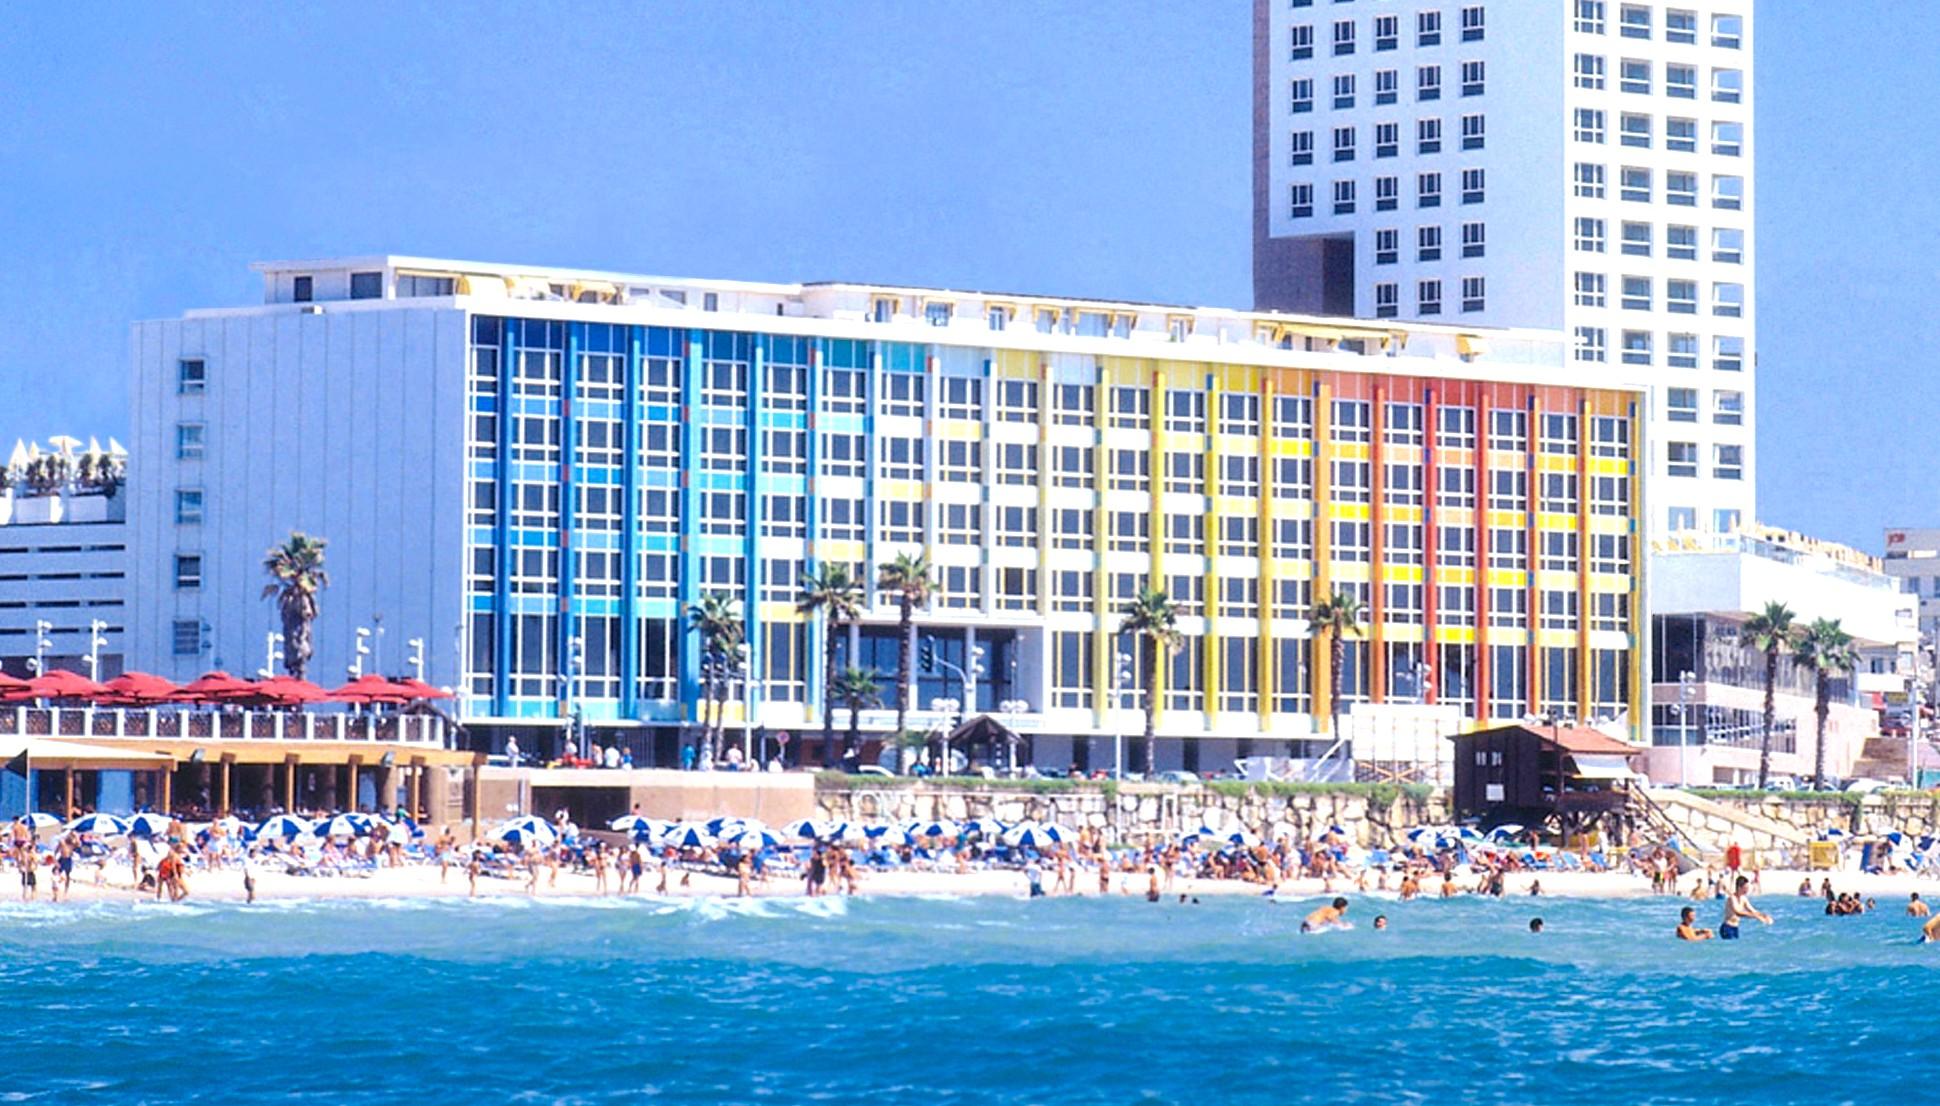 dan-tel-aviv-hotel-israel-lustforthesublime